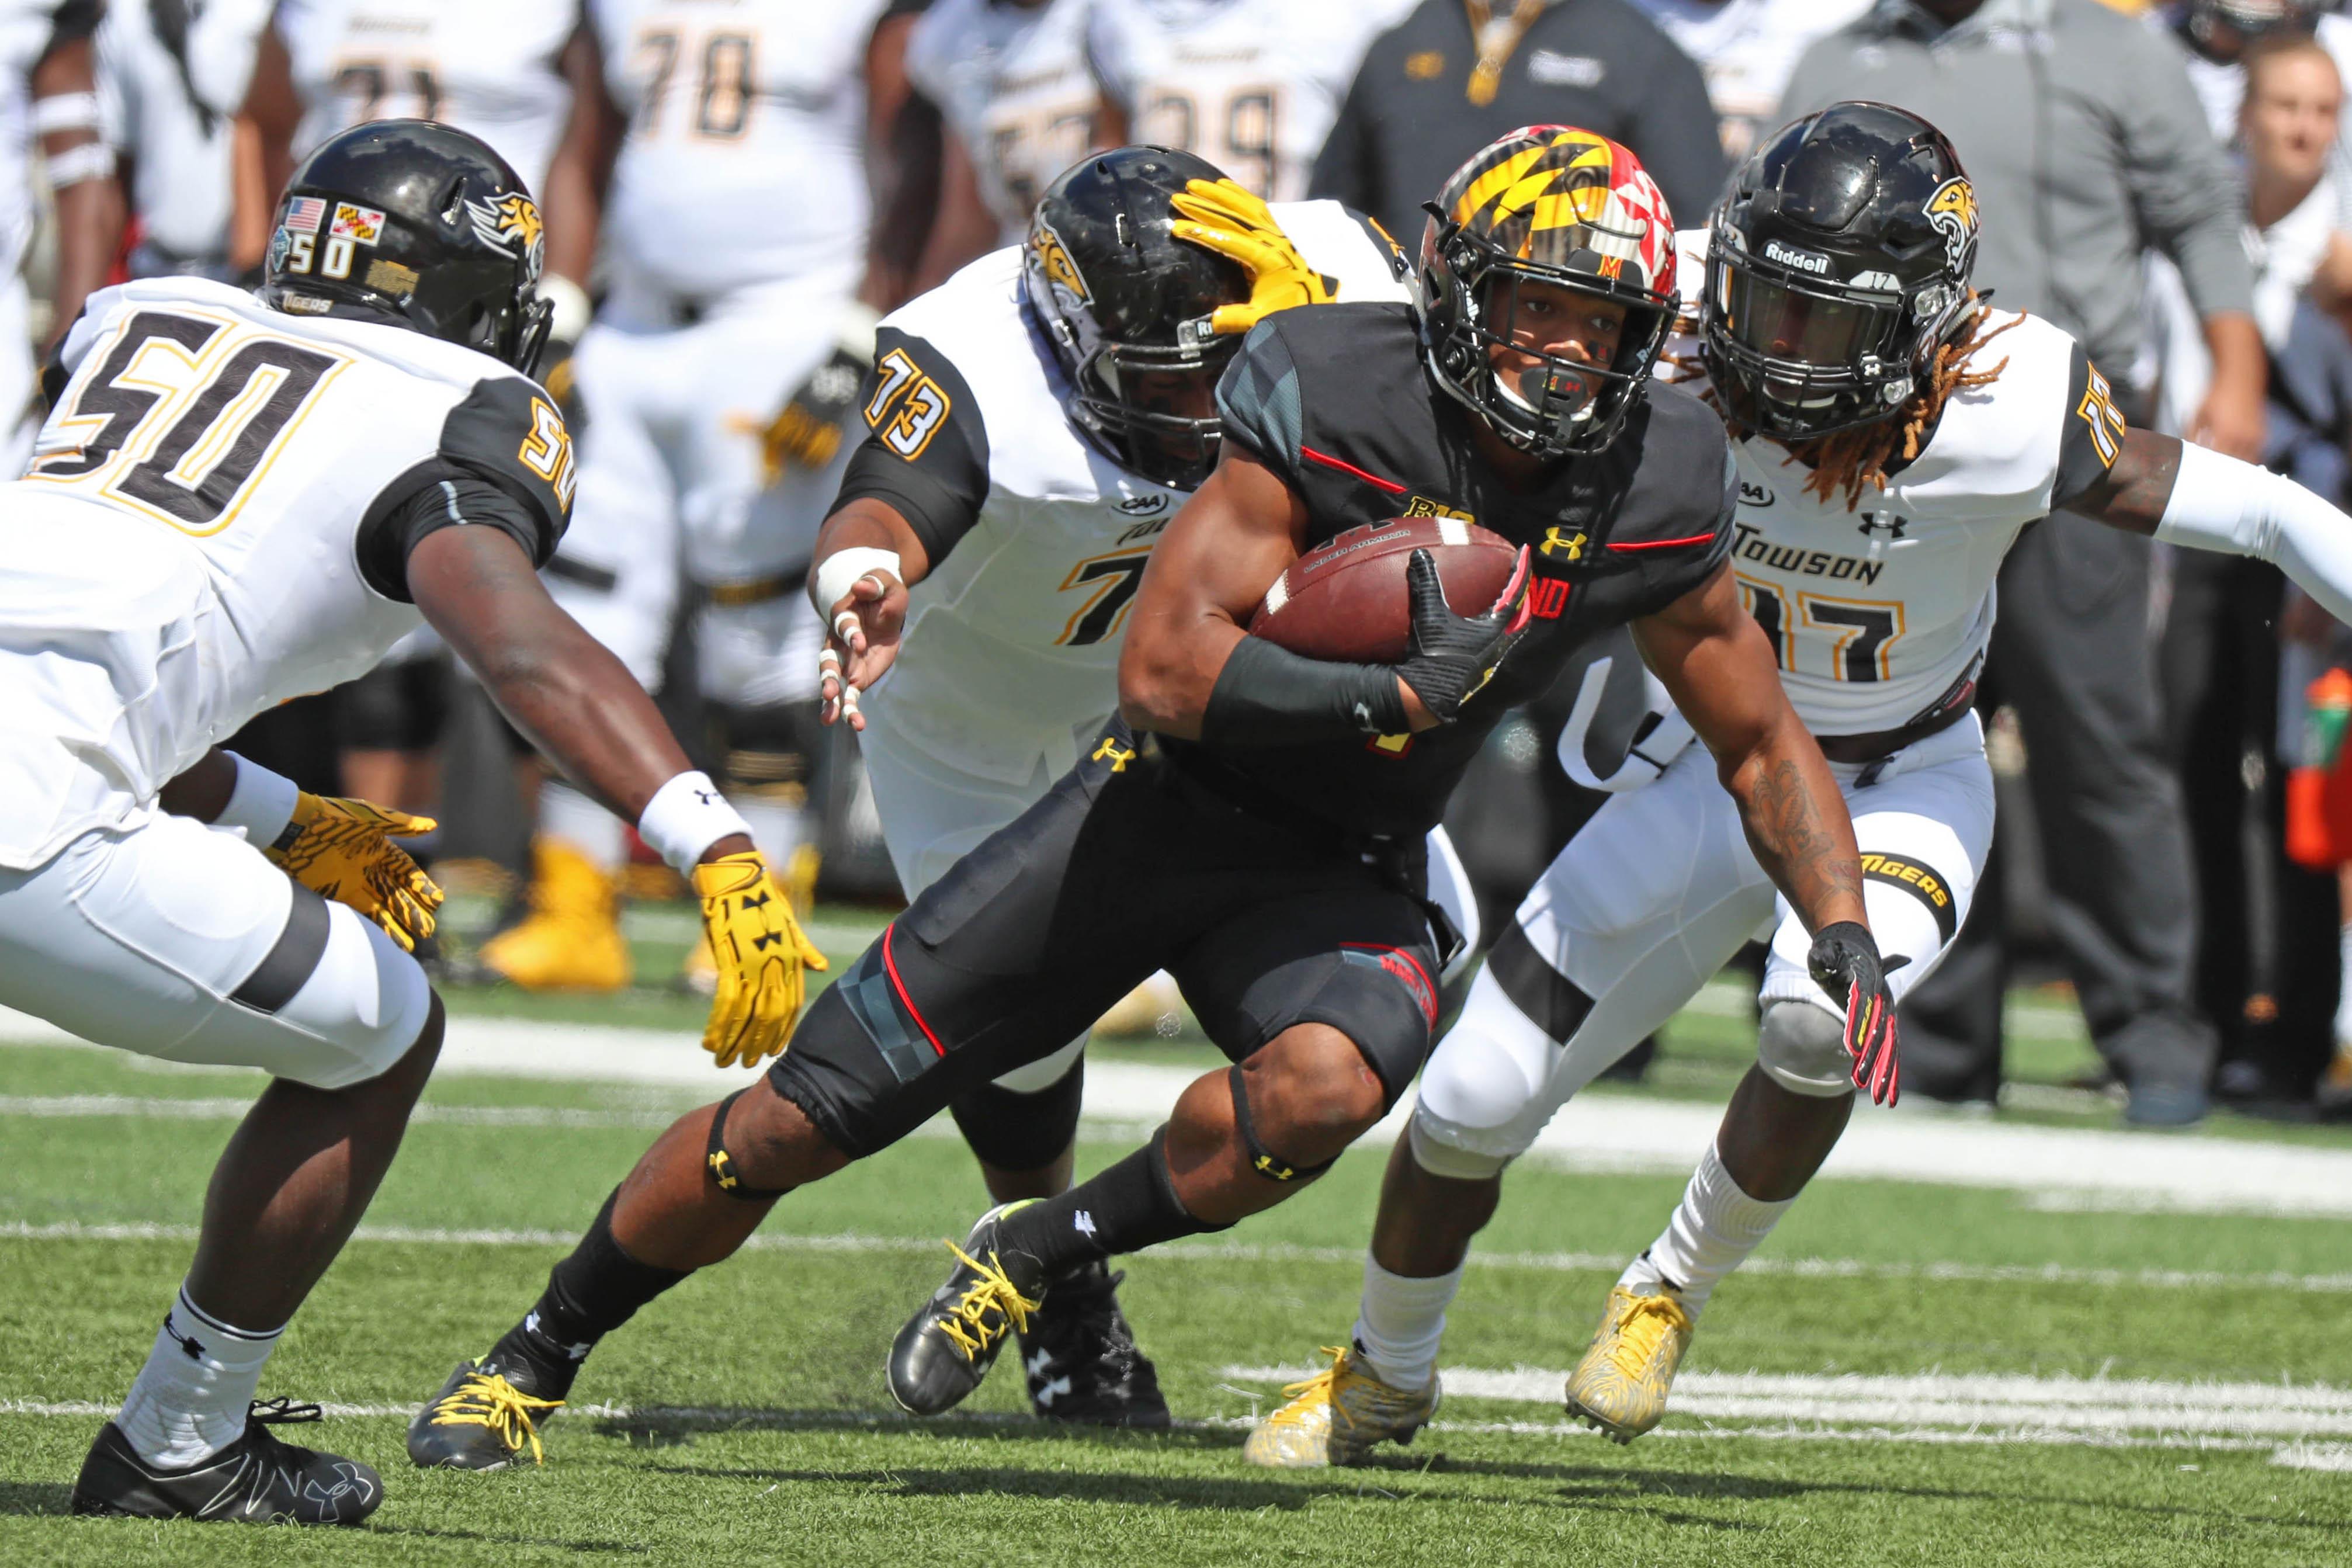 NCAA Football: Towson at Maryland